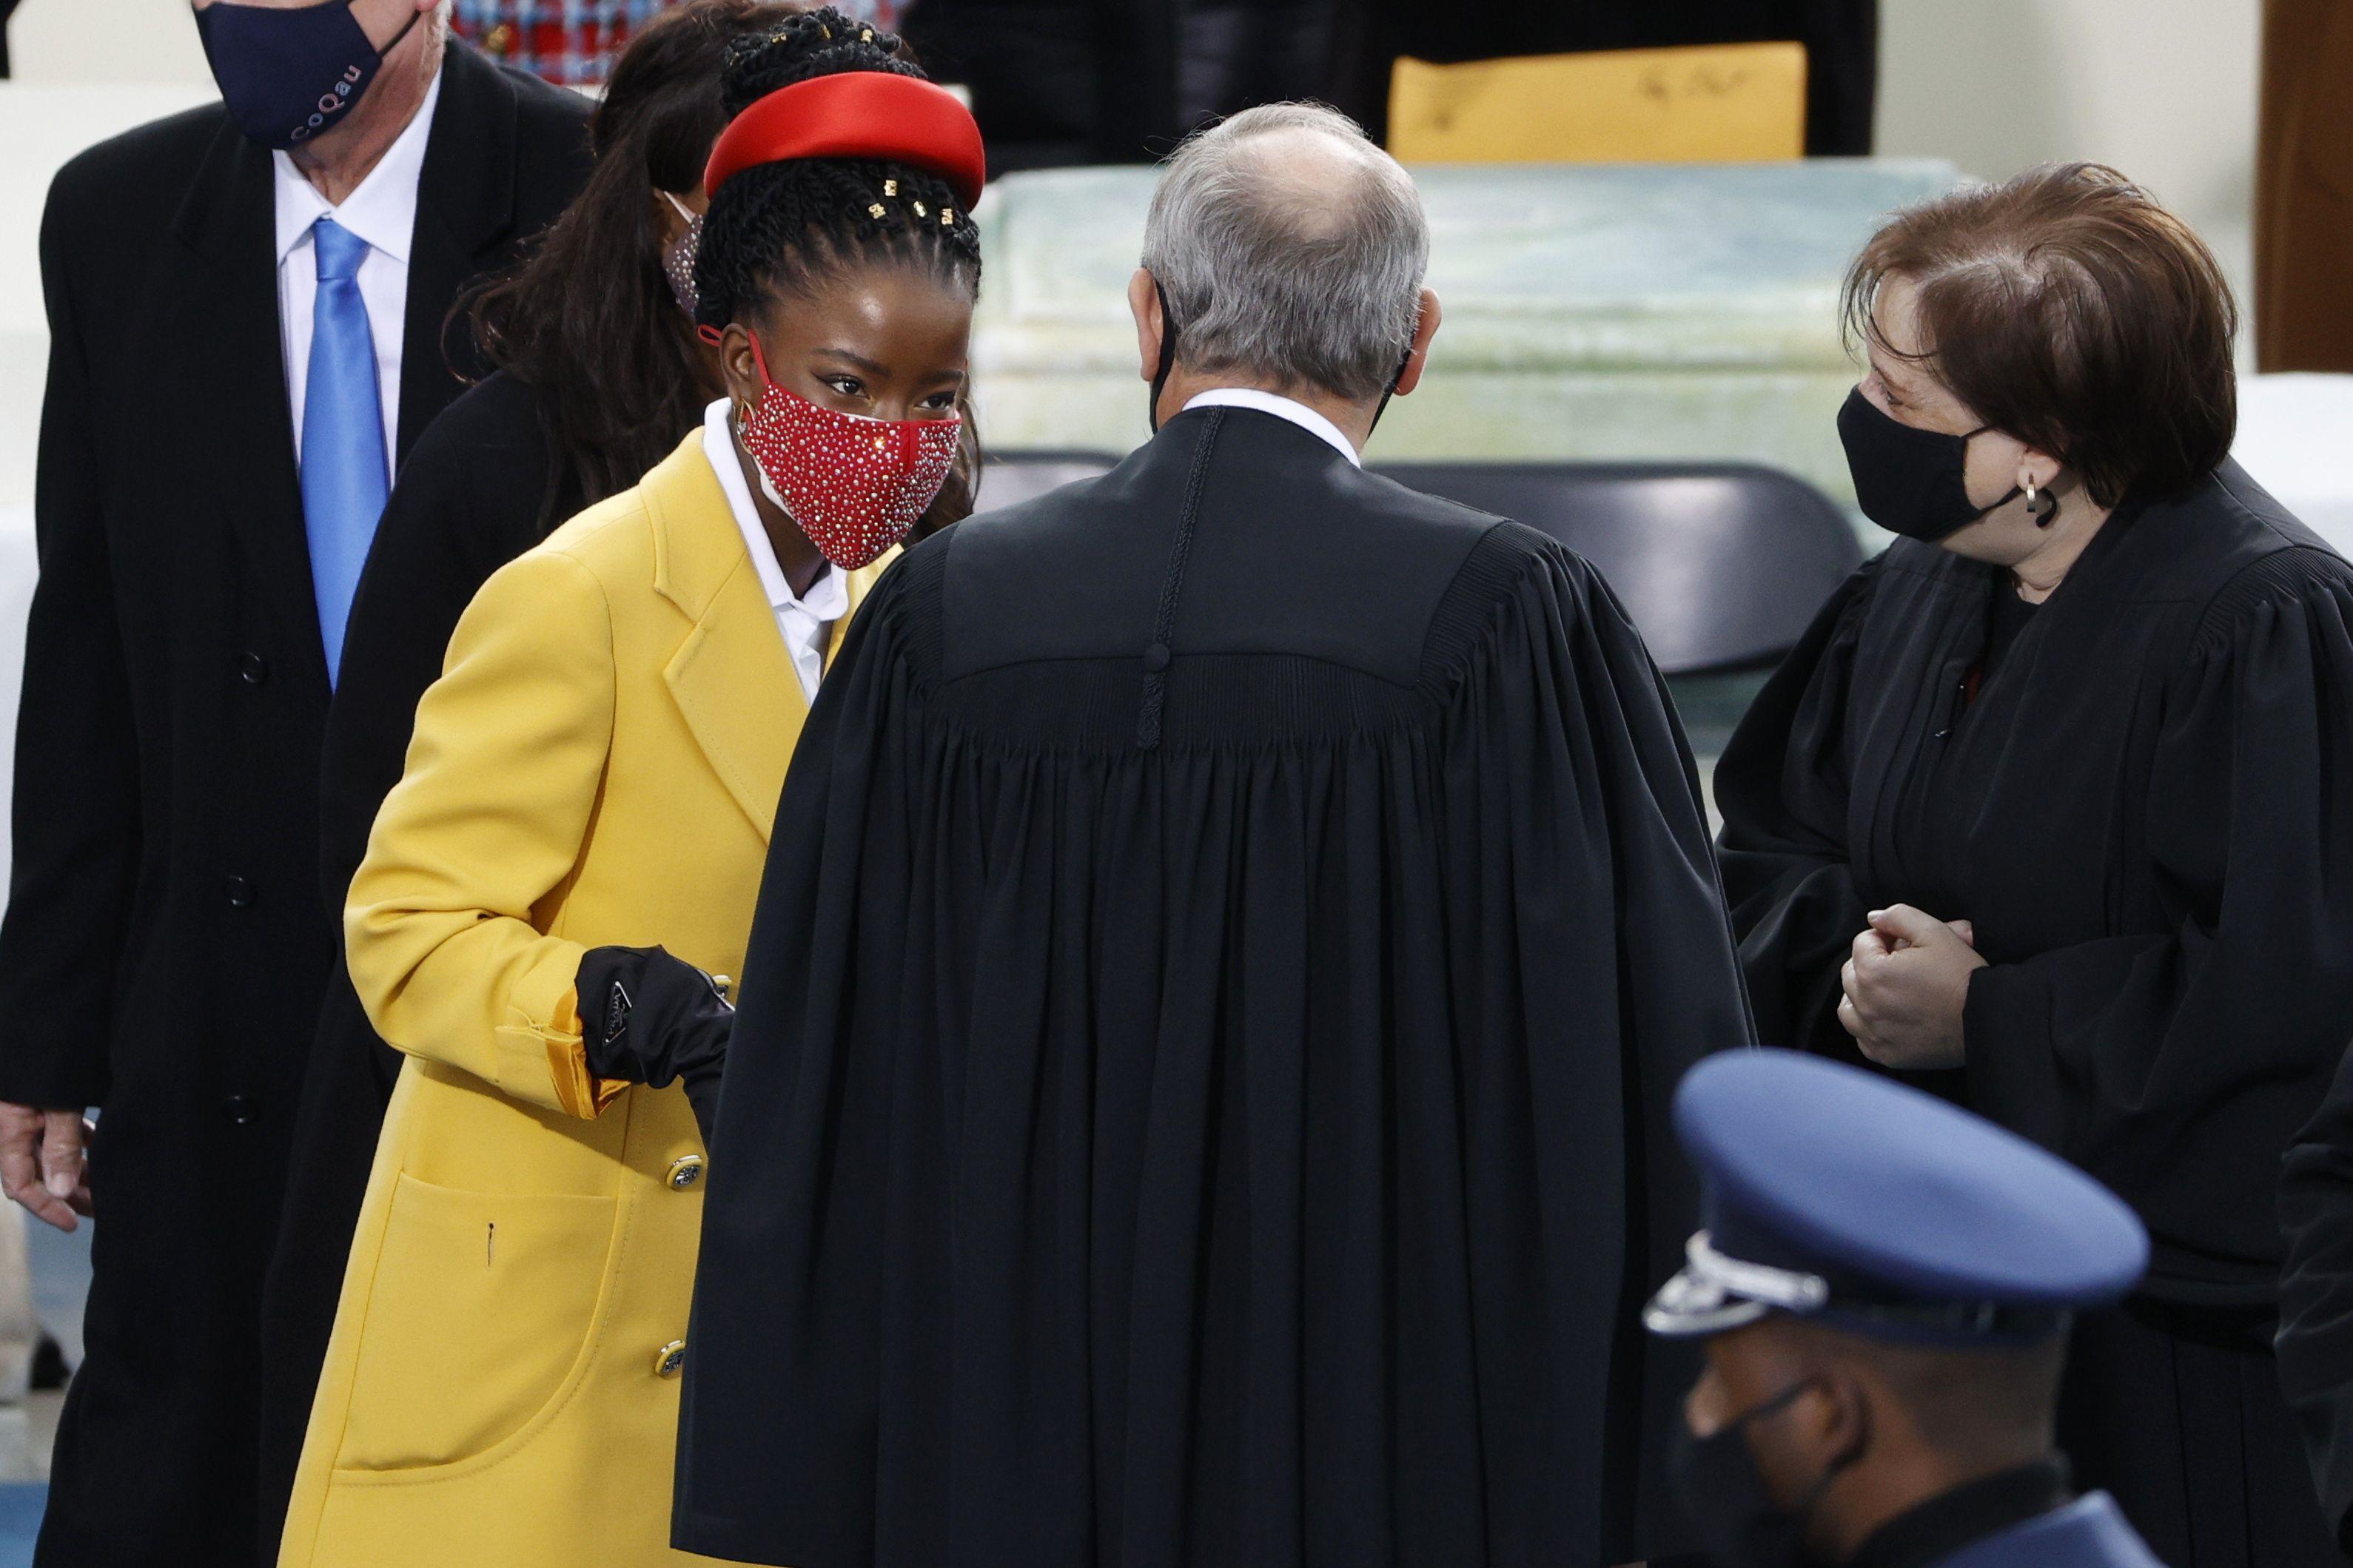 Tko je Amanda Gorman, 22-godišnjakinja koja je osvojila svijet na Bidenovoj inauguraciji?